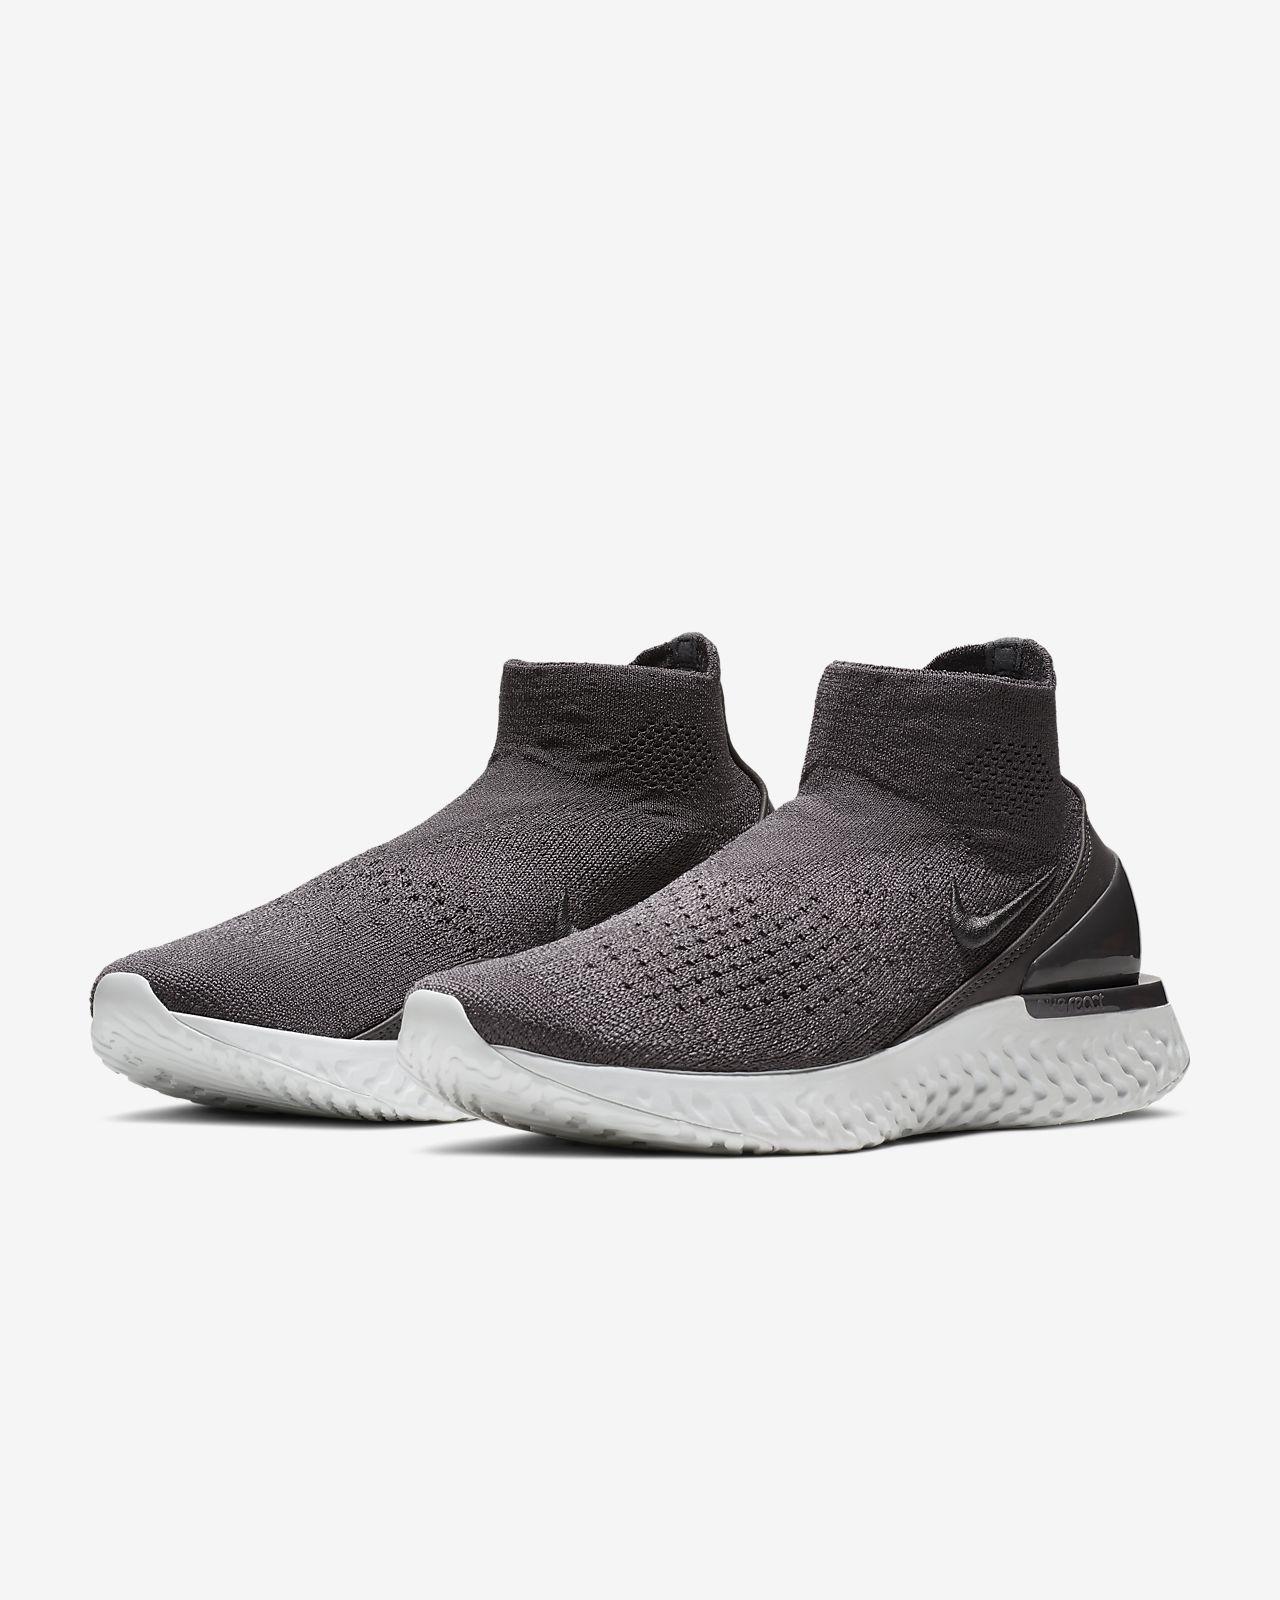 1f80aee7338b Nike Rise React Flyknit Women s Running Shoe. Nike.com ZA